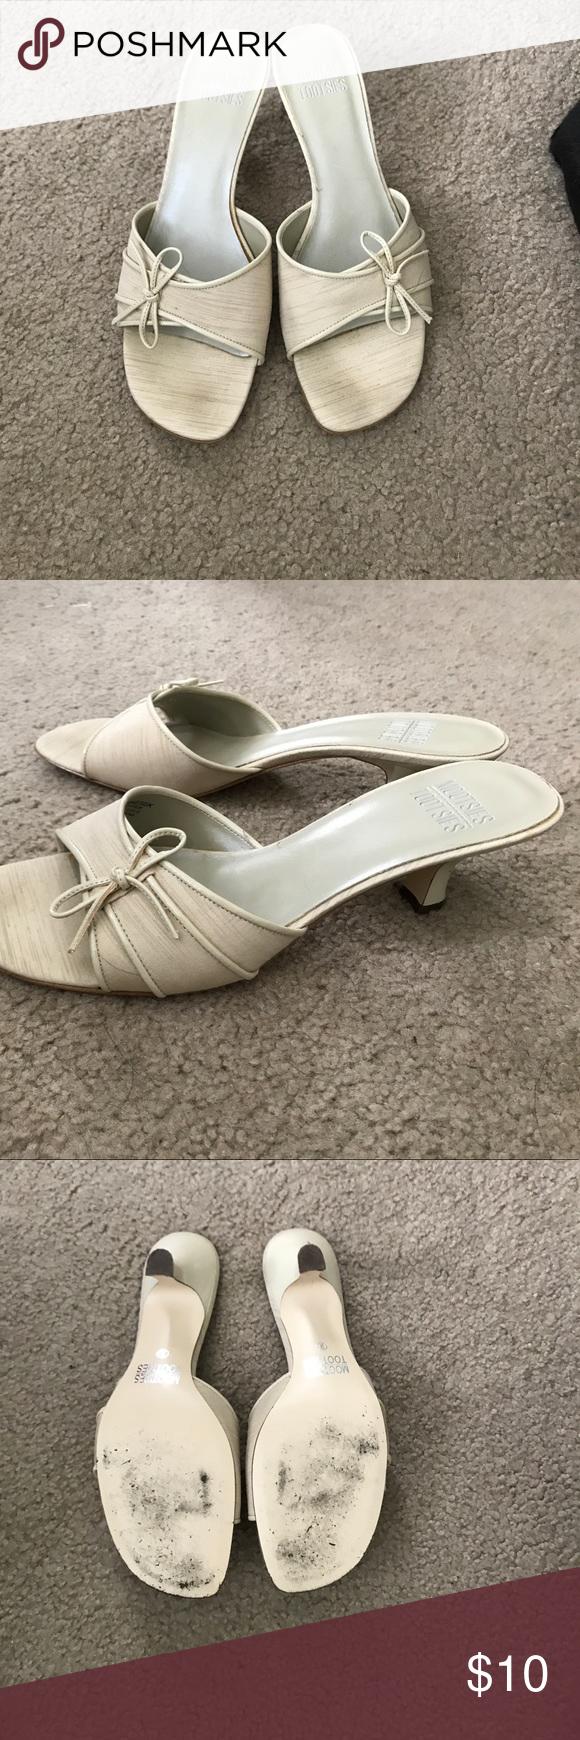 Kitten Heel Slides With Patent Leather Accents Minimally Worn 1 1 4 Inch Heel Mootsies Tootsies Shoes Heels Kitten Heels Heels Patent Leather